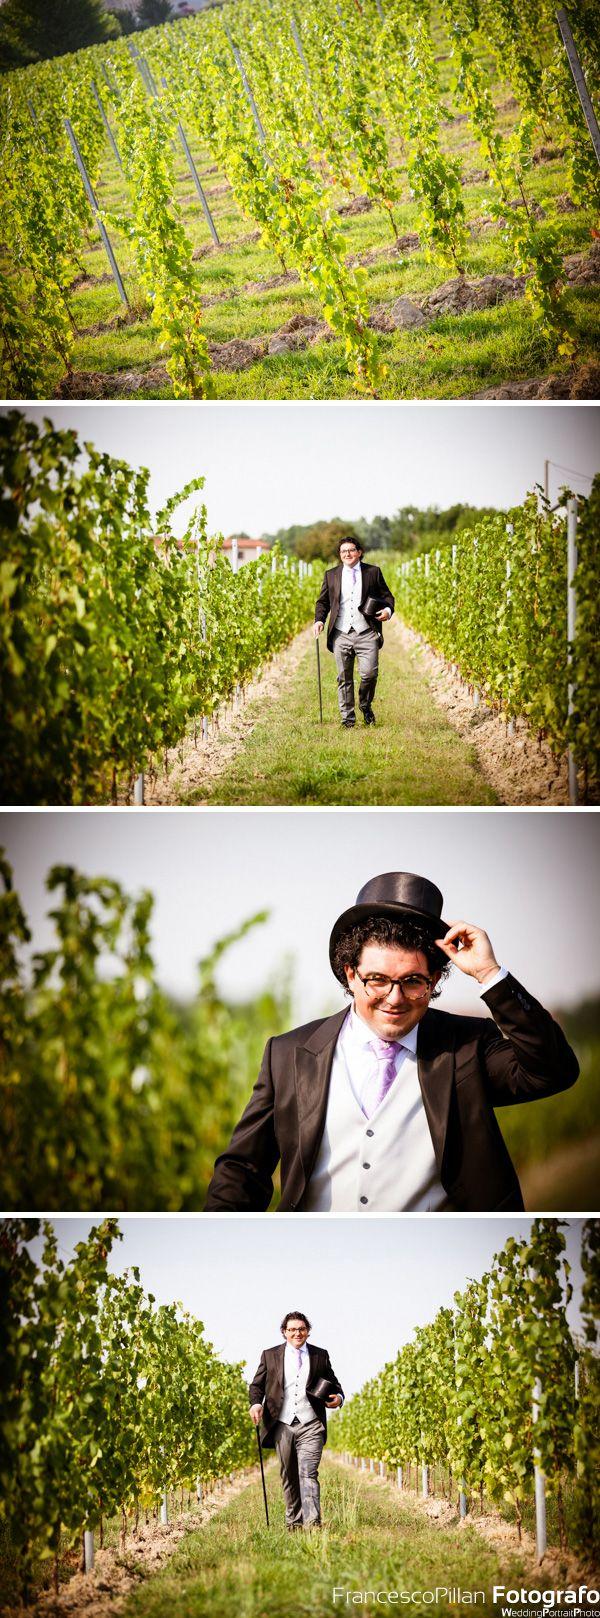 foto matrimonio lancenigo di villorba treviso dello sposo che passeggia nel vigneto dell'abitazione